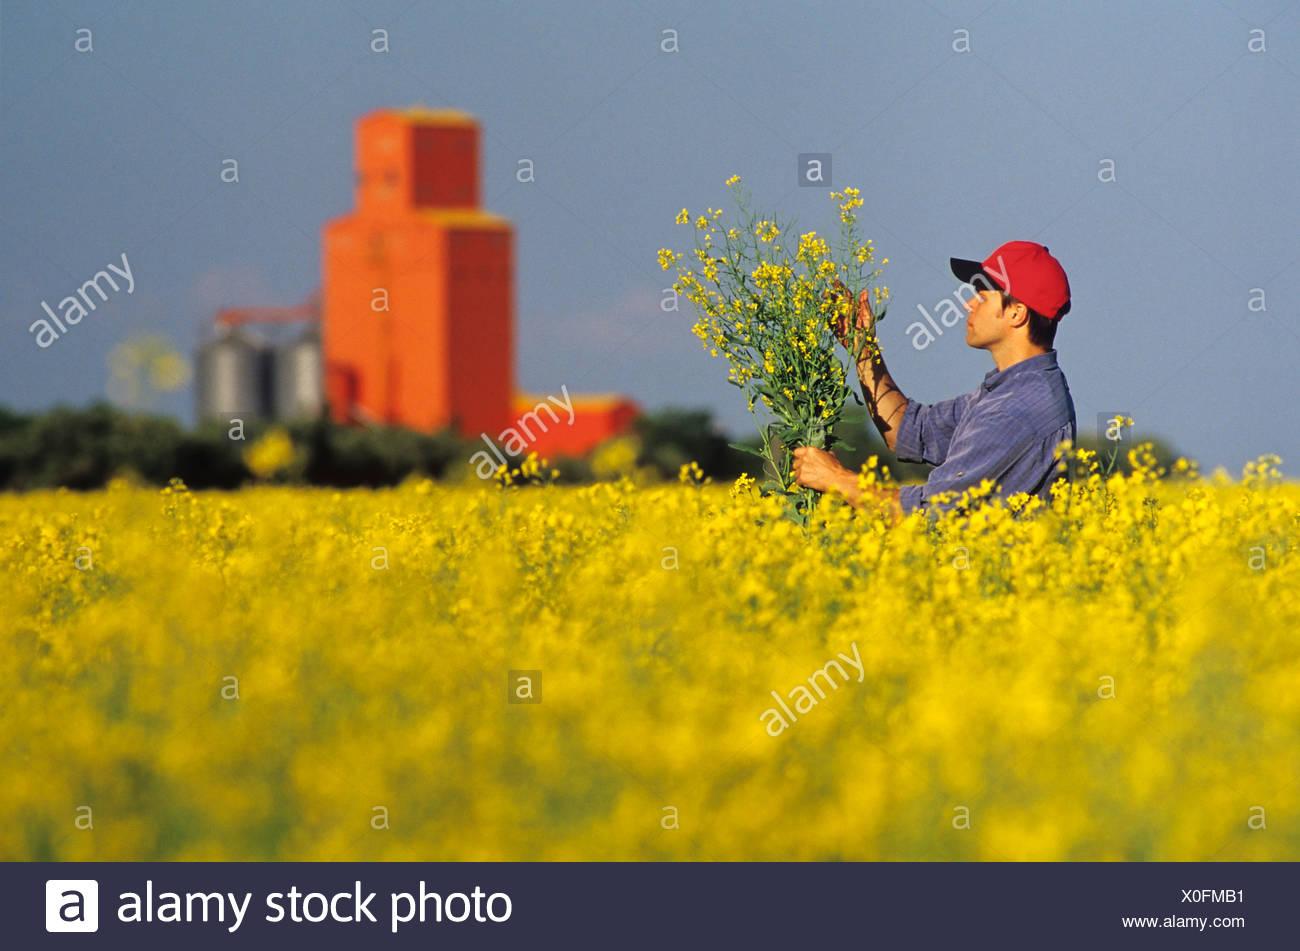 Ein Landwirt untersucht seine Blüte Bühne Raps mit Grinsen Lager im Hintergrund, Carey, Manitoba, Kanada. Stockbild